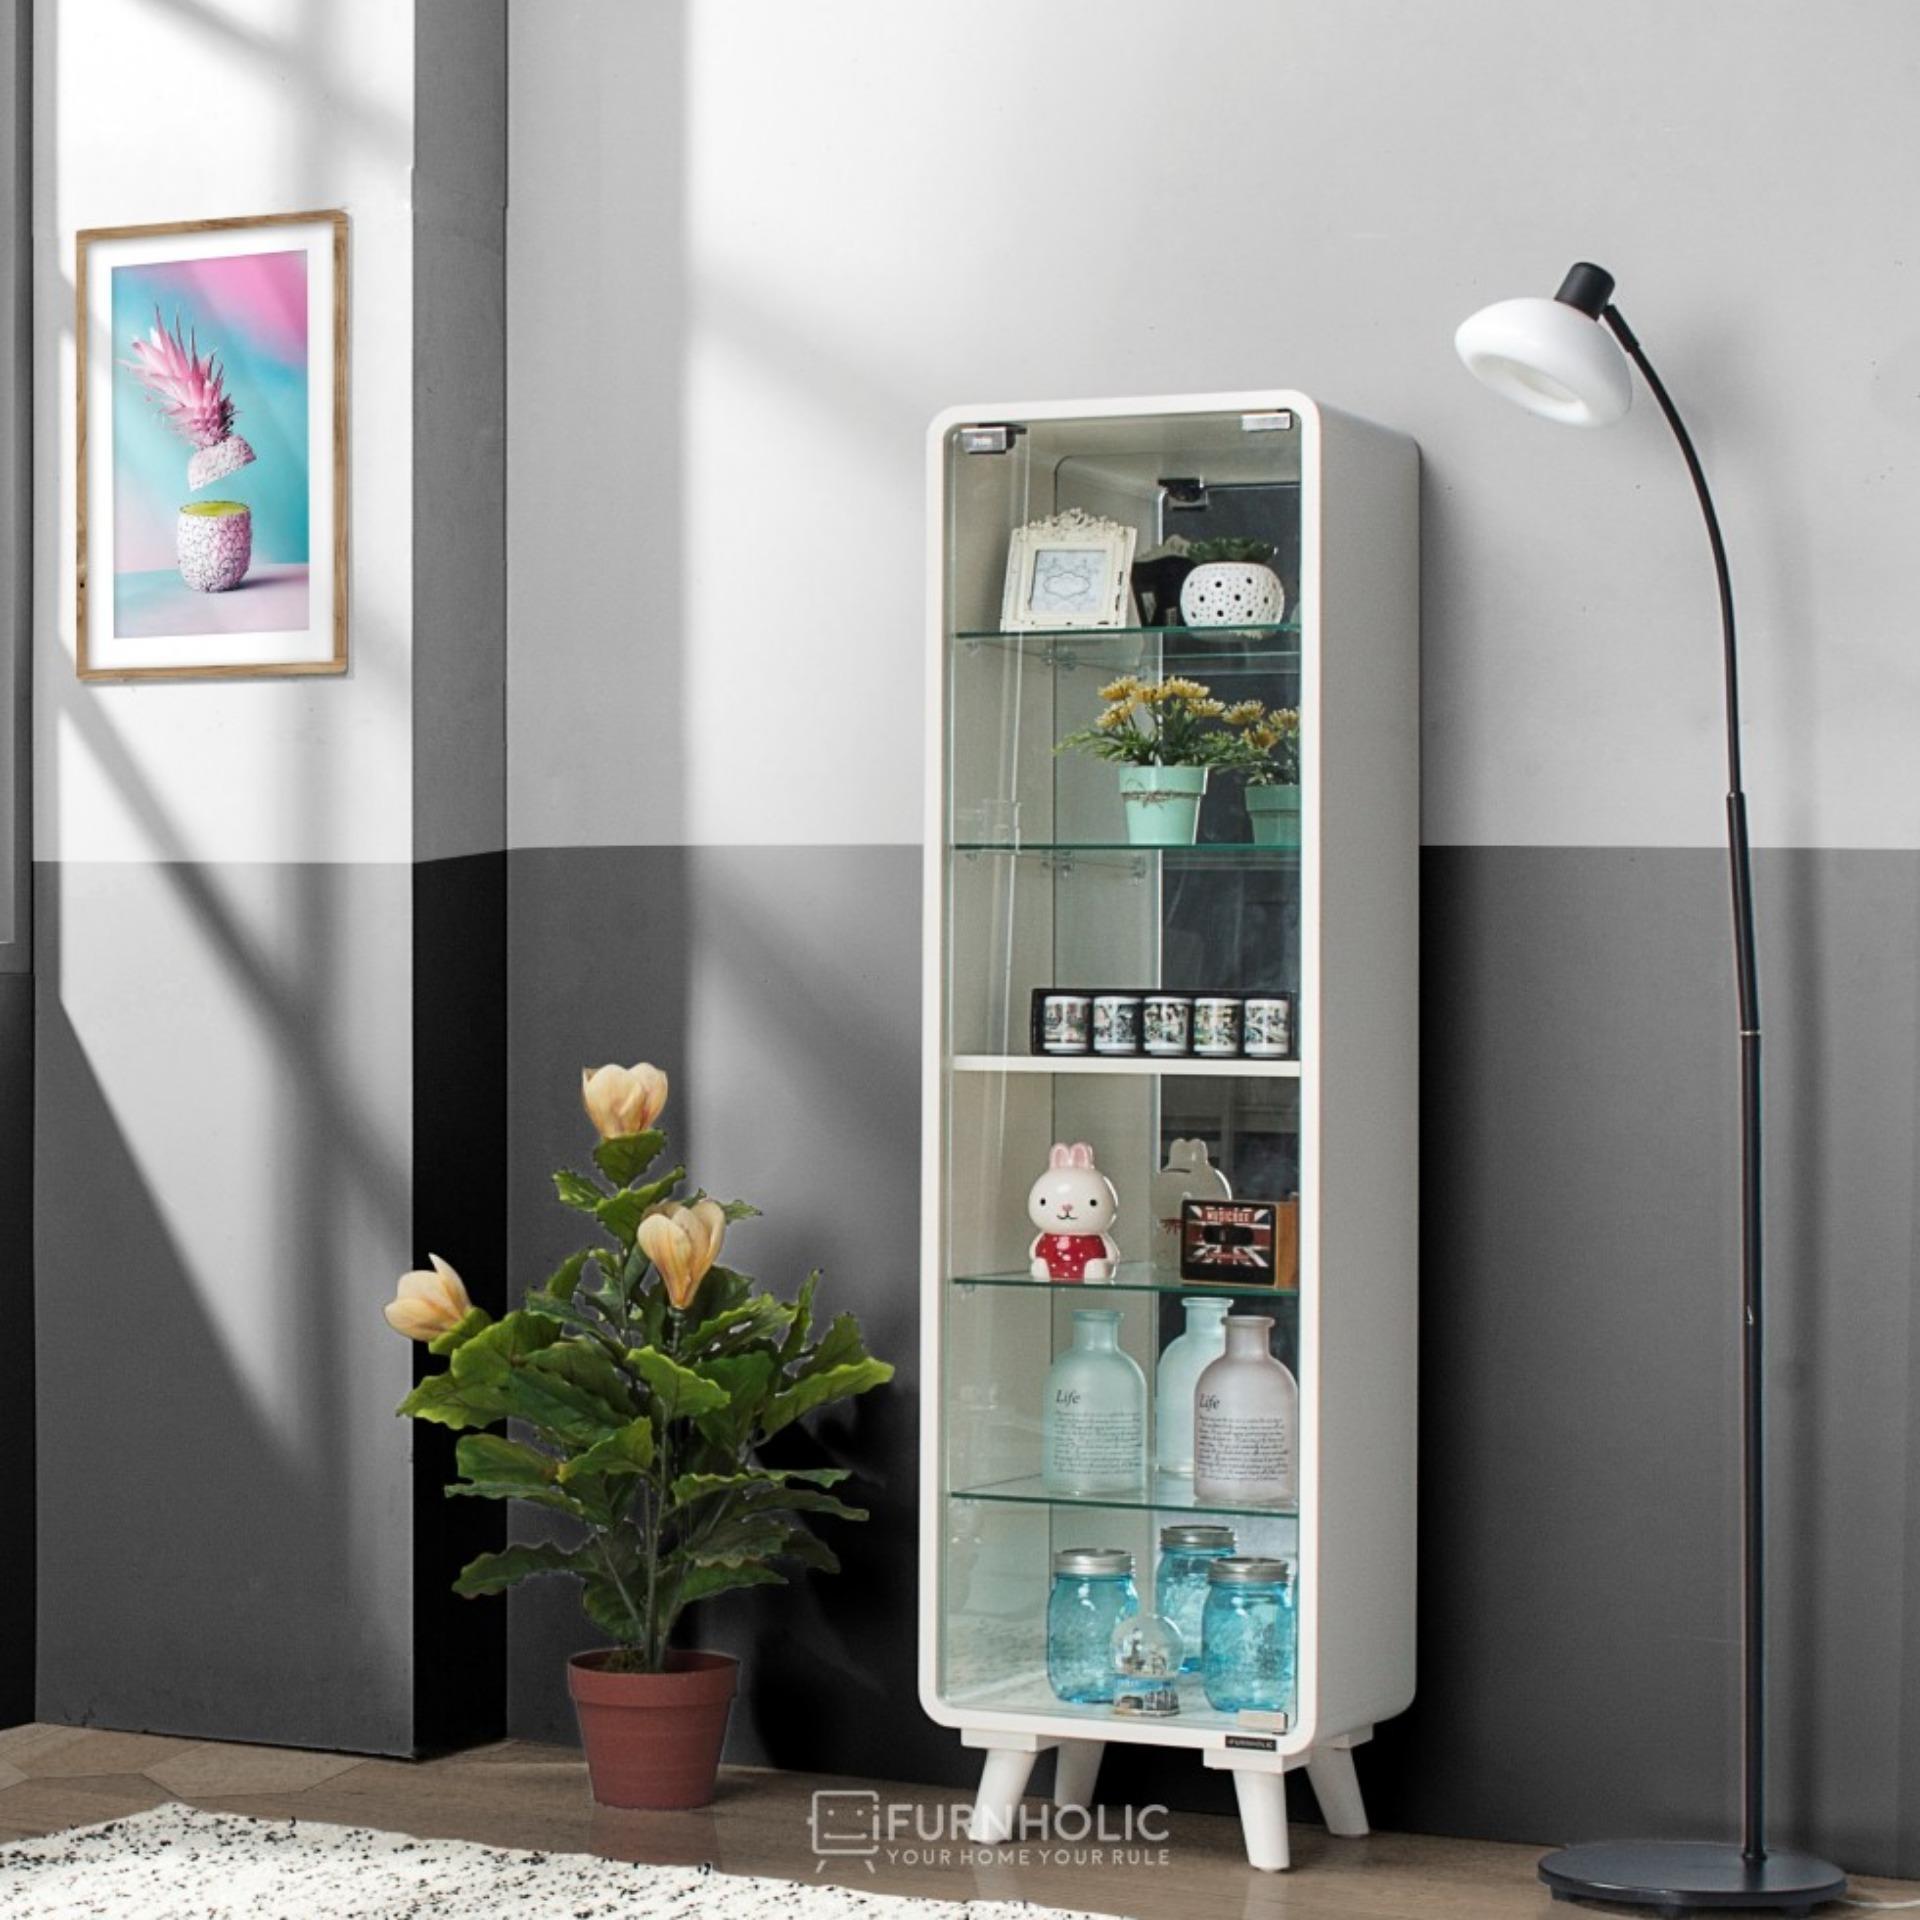 iFurnholic Maxiature Cabinet - Rak Pintu Kaca - Putih Tulang - Gratis Pengiriman Pulau Jawa dan